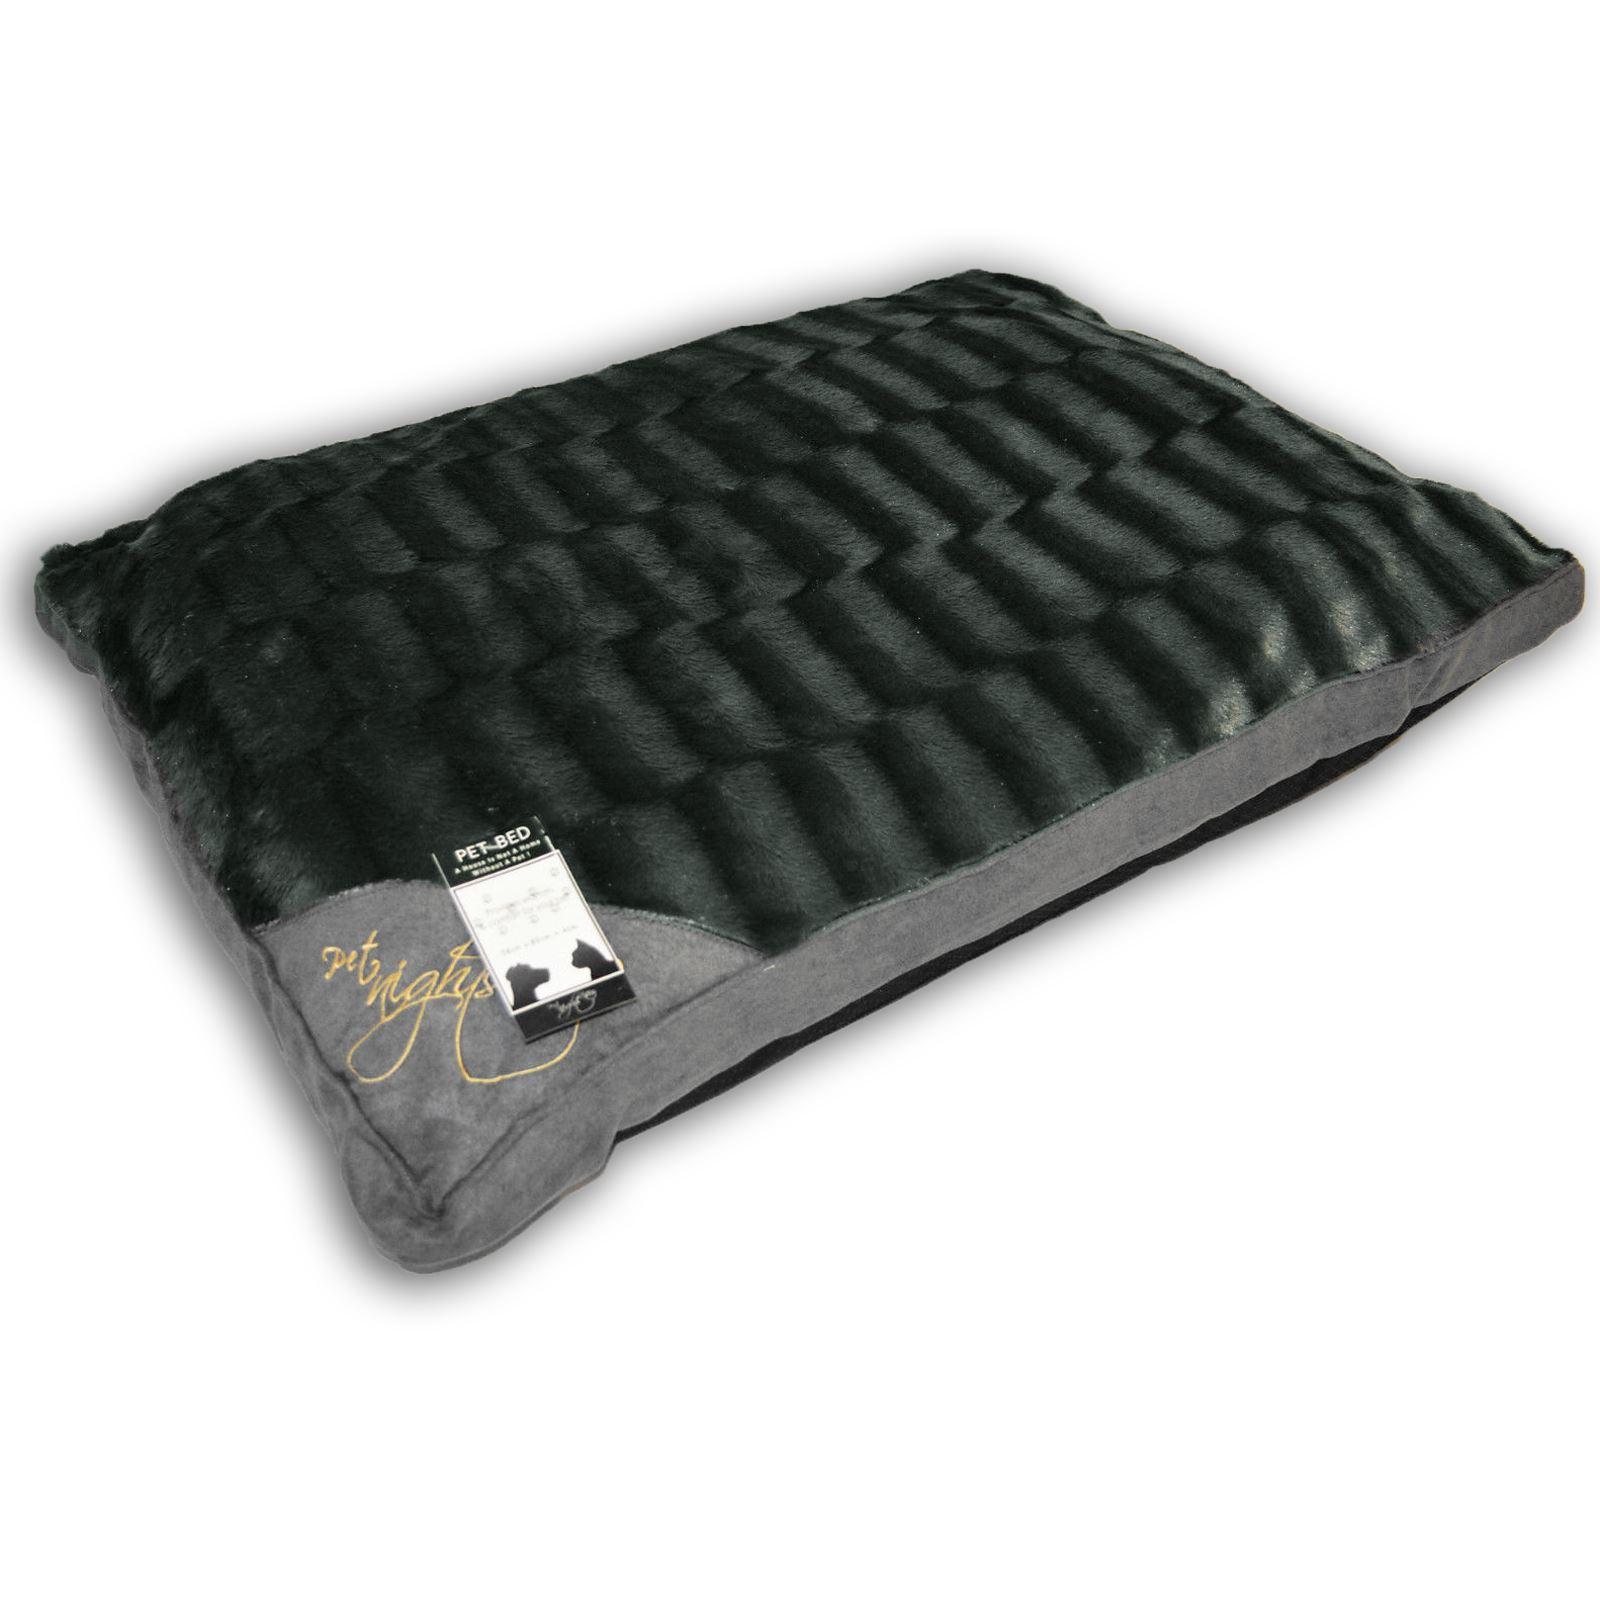 luxe matelas lit pour chien large fourrure pour chat chiot coussin zipp e oreiller chaud doux ebay. Black Bedroom Furniture Sets. Home Design Ideas